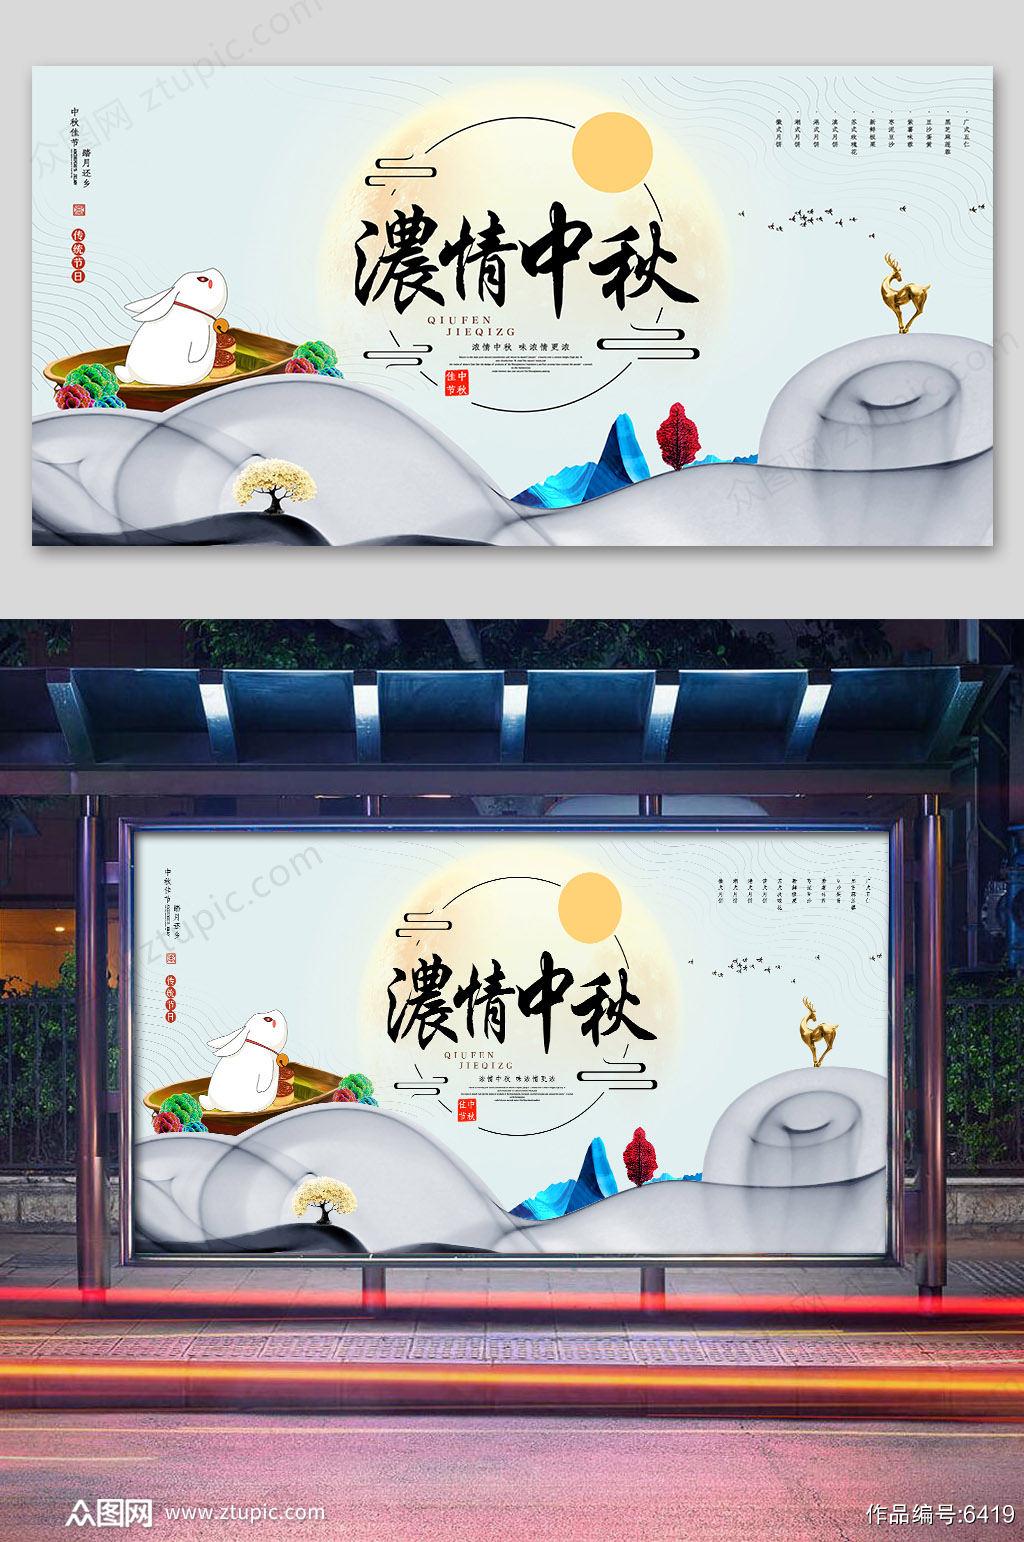 大气简约新中式浓情中秋节海报展板素材